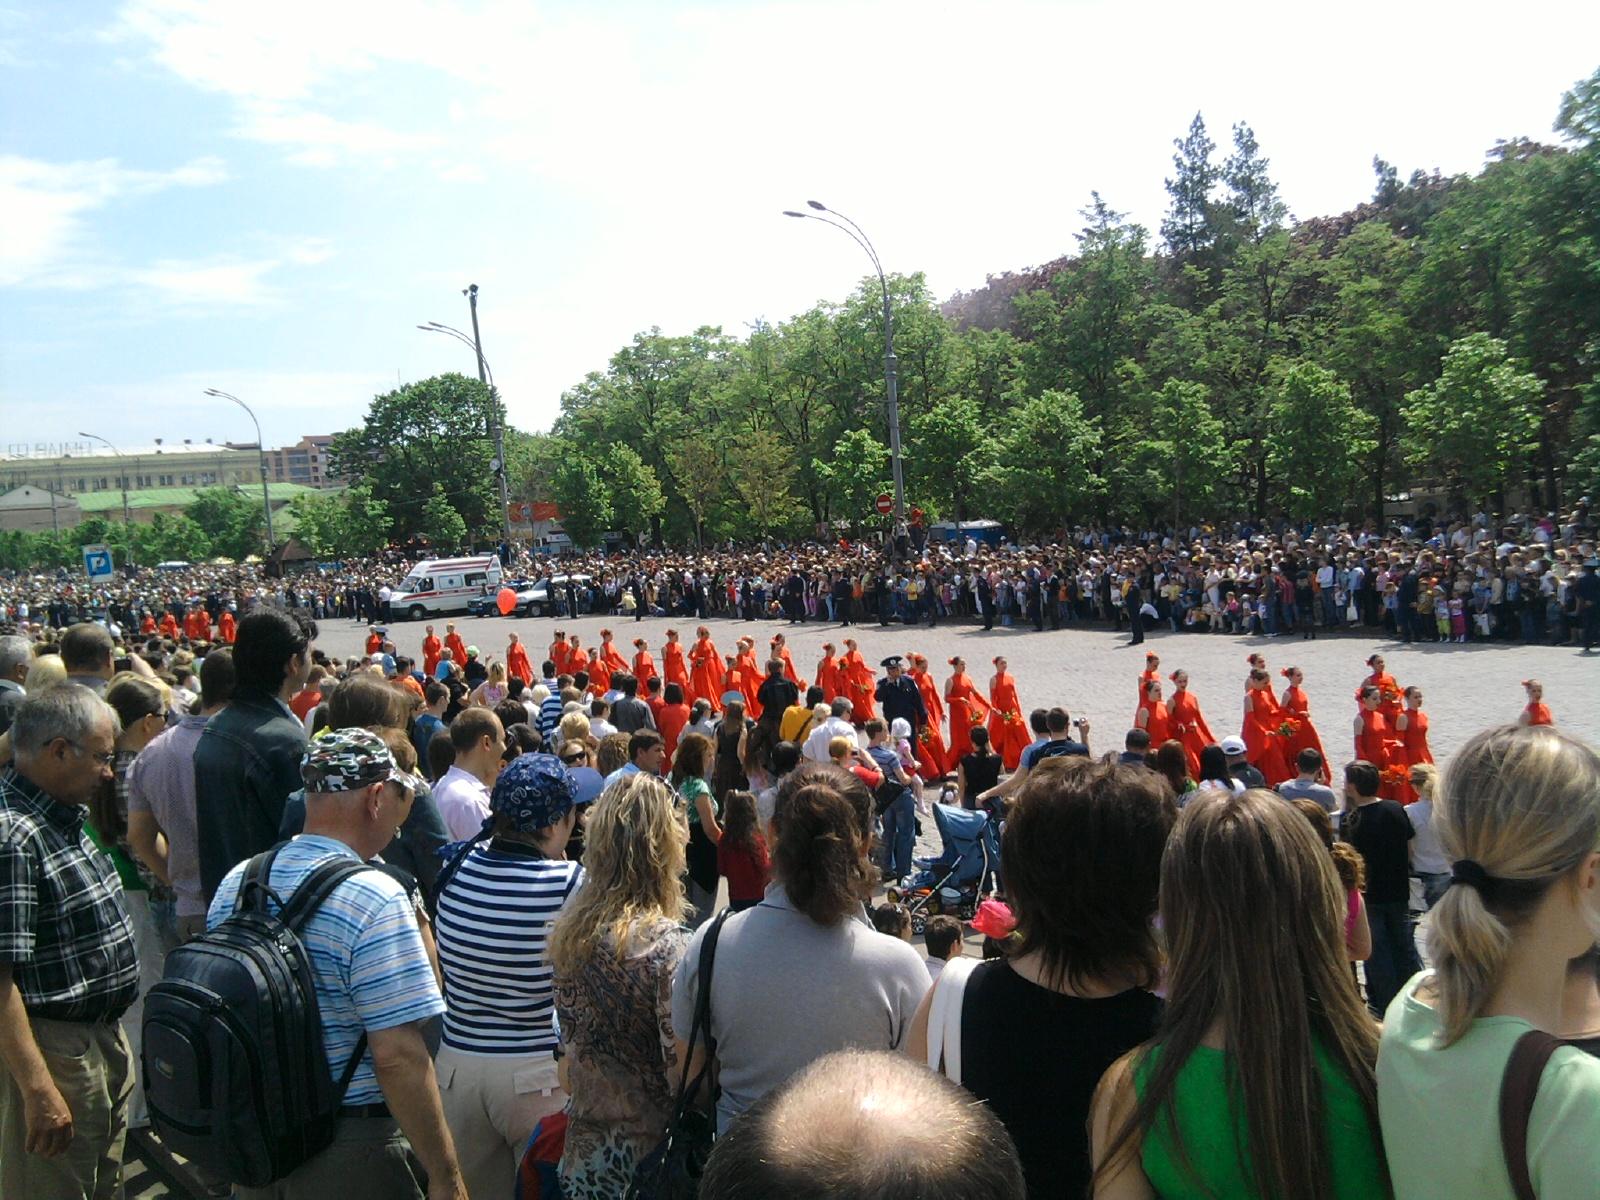 Харьков - День Победы - 2010 - идут танцовщицы